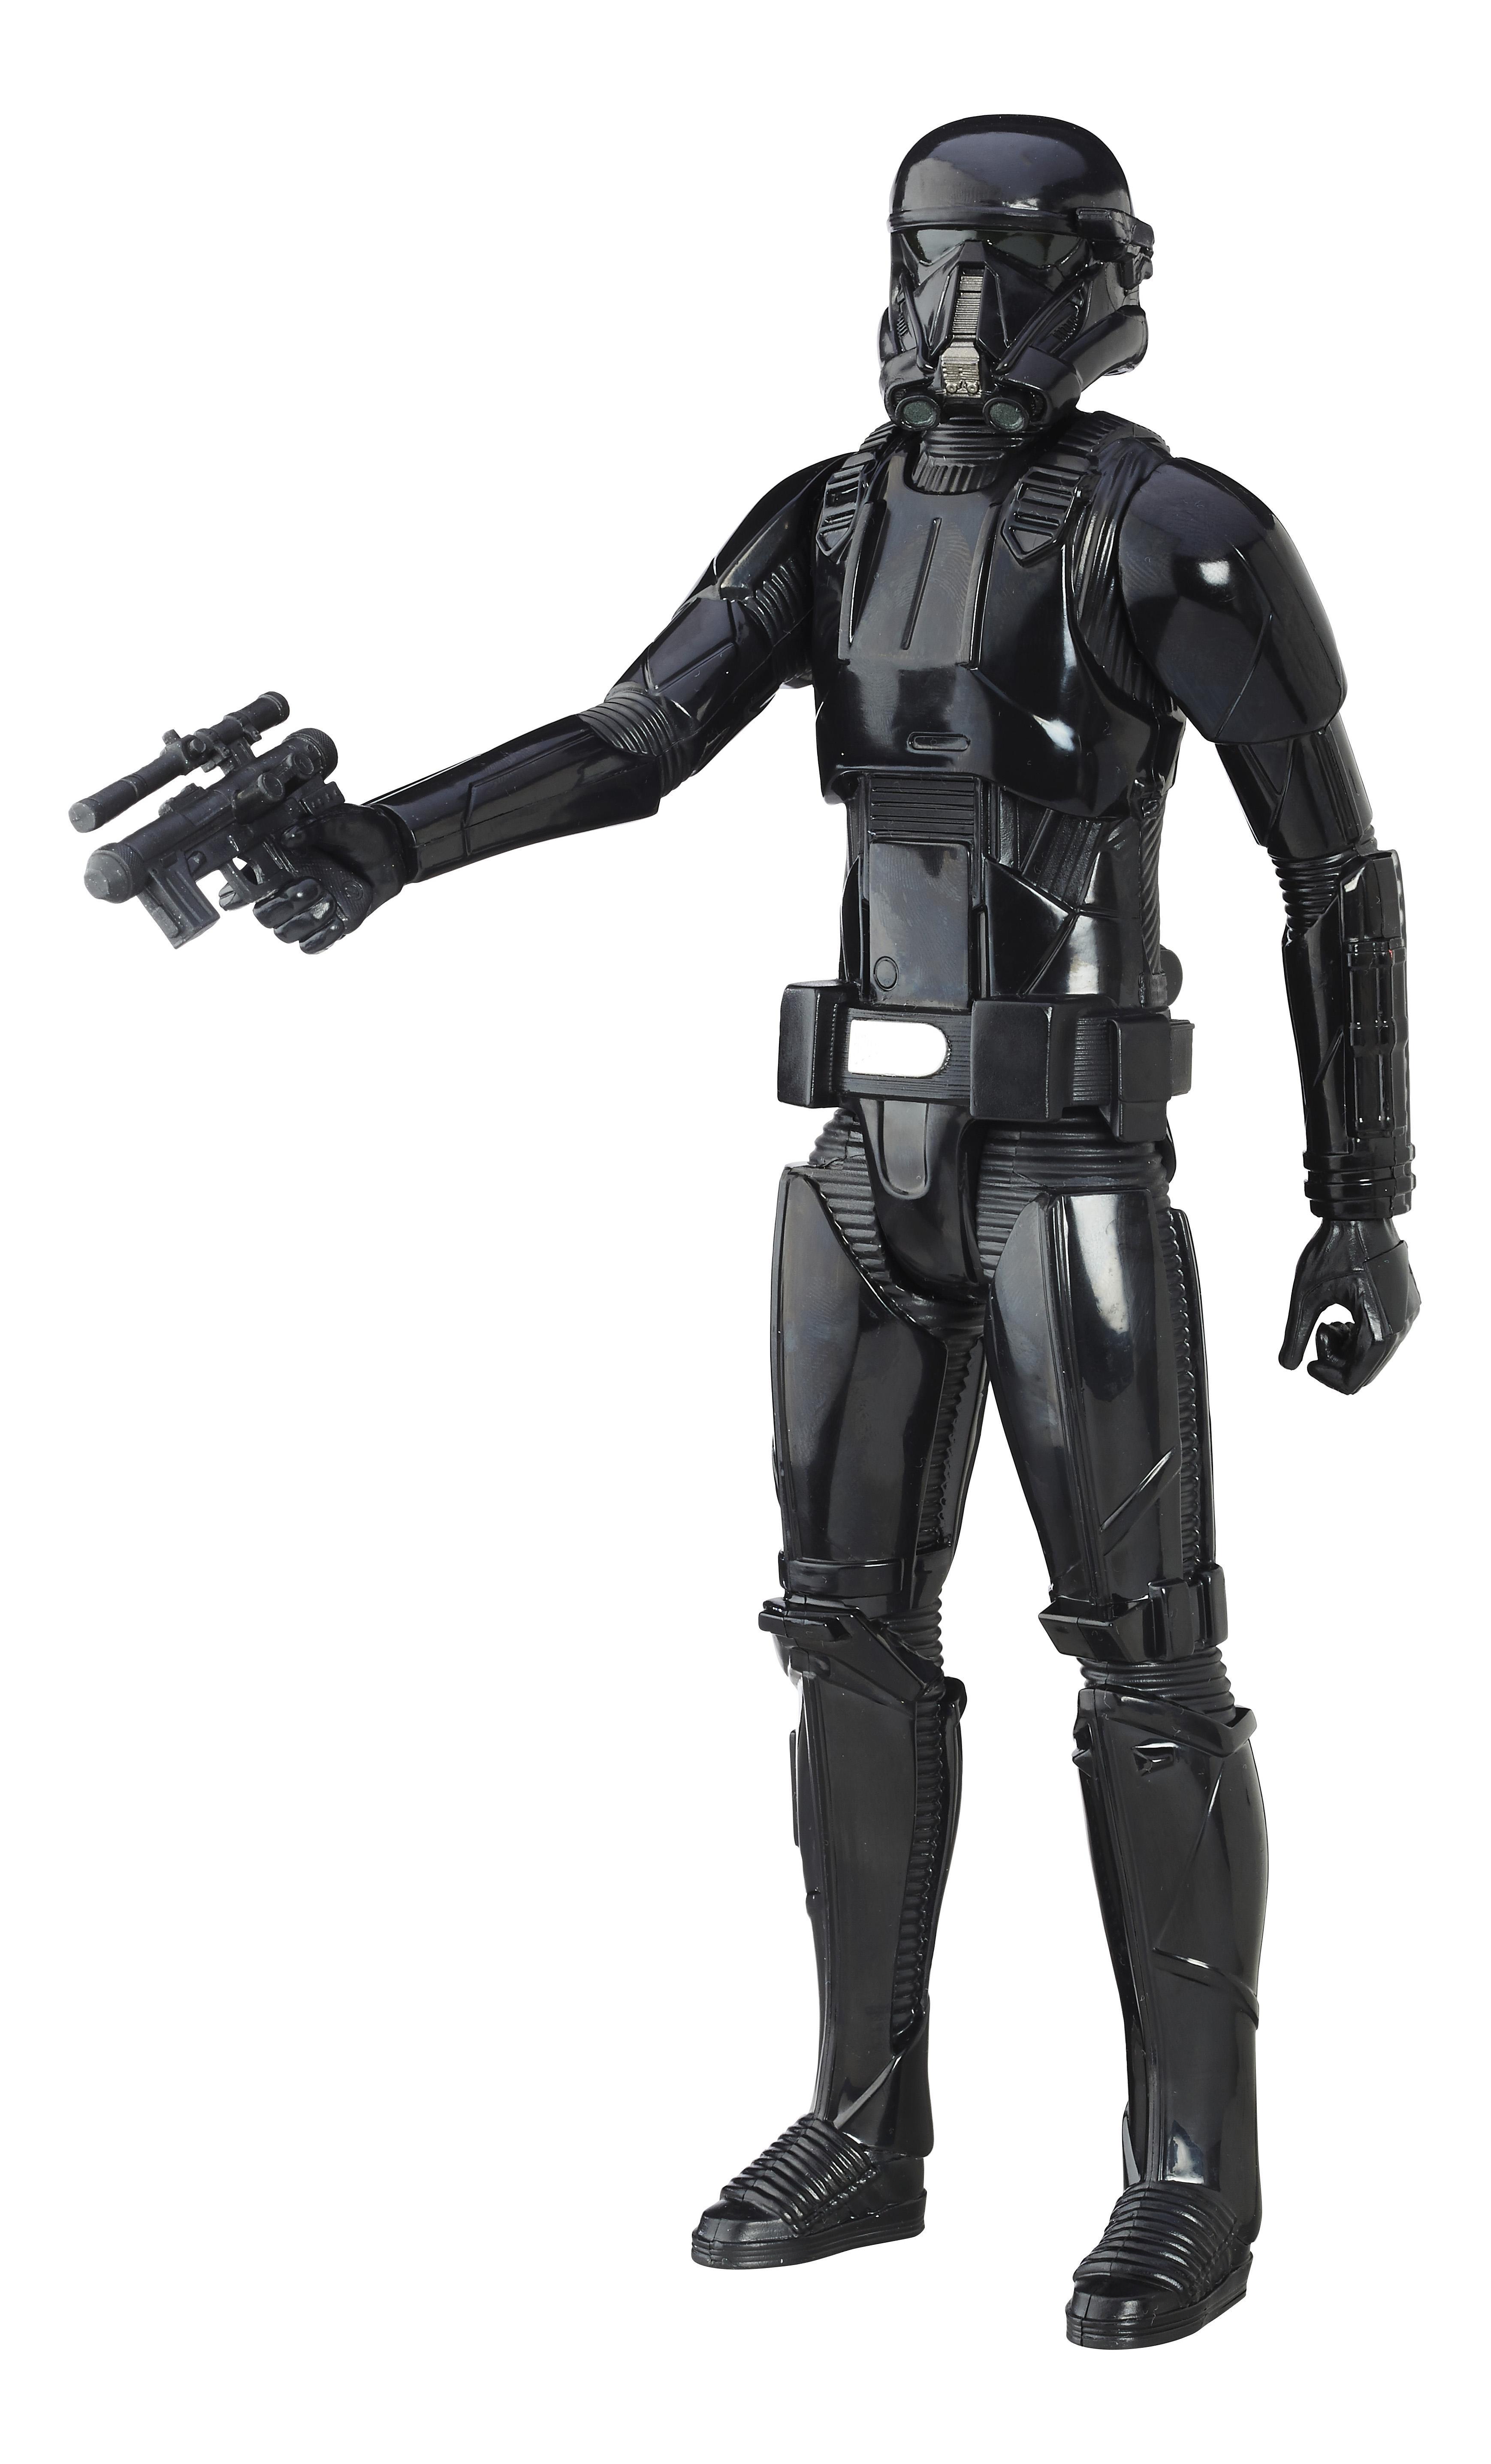 Купить Титаны: герои вселенной звездные войны b3908 b9758, Star Wars, Игровые фигурки